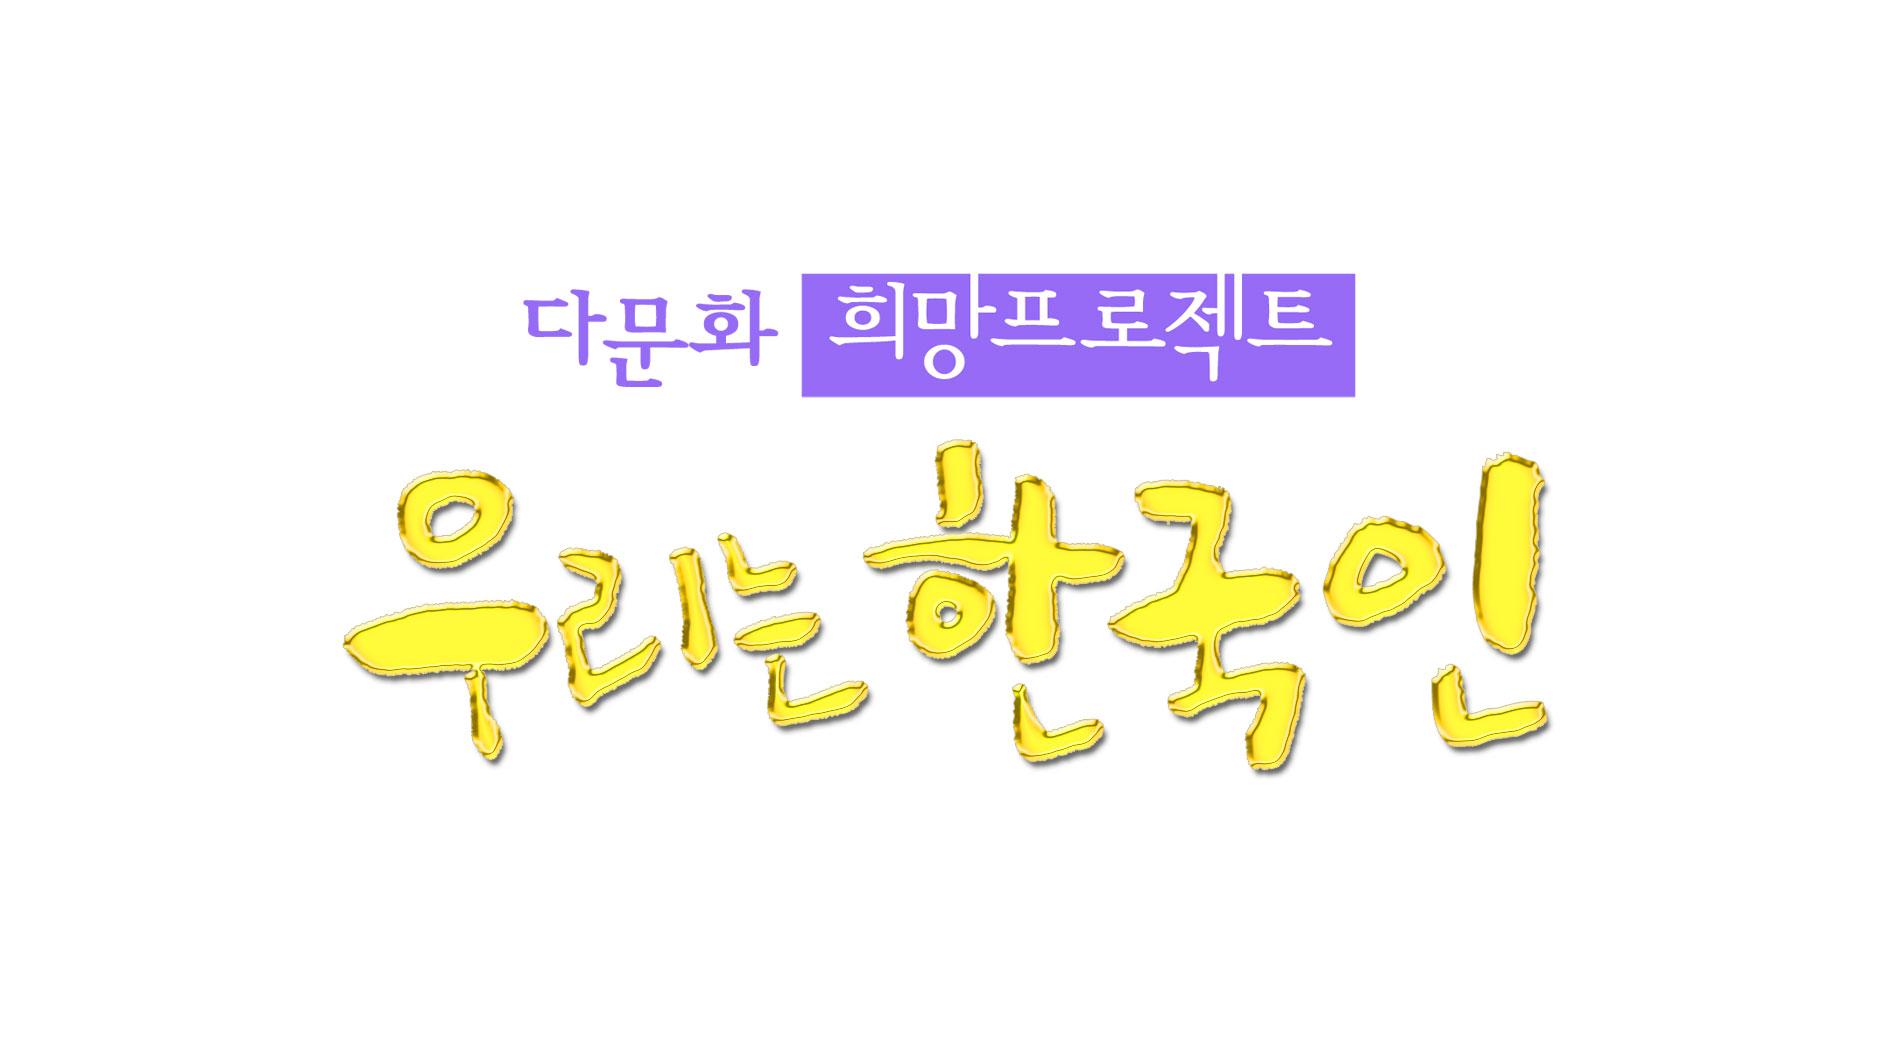 우리는 한국인-다문화 희망프로젝트